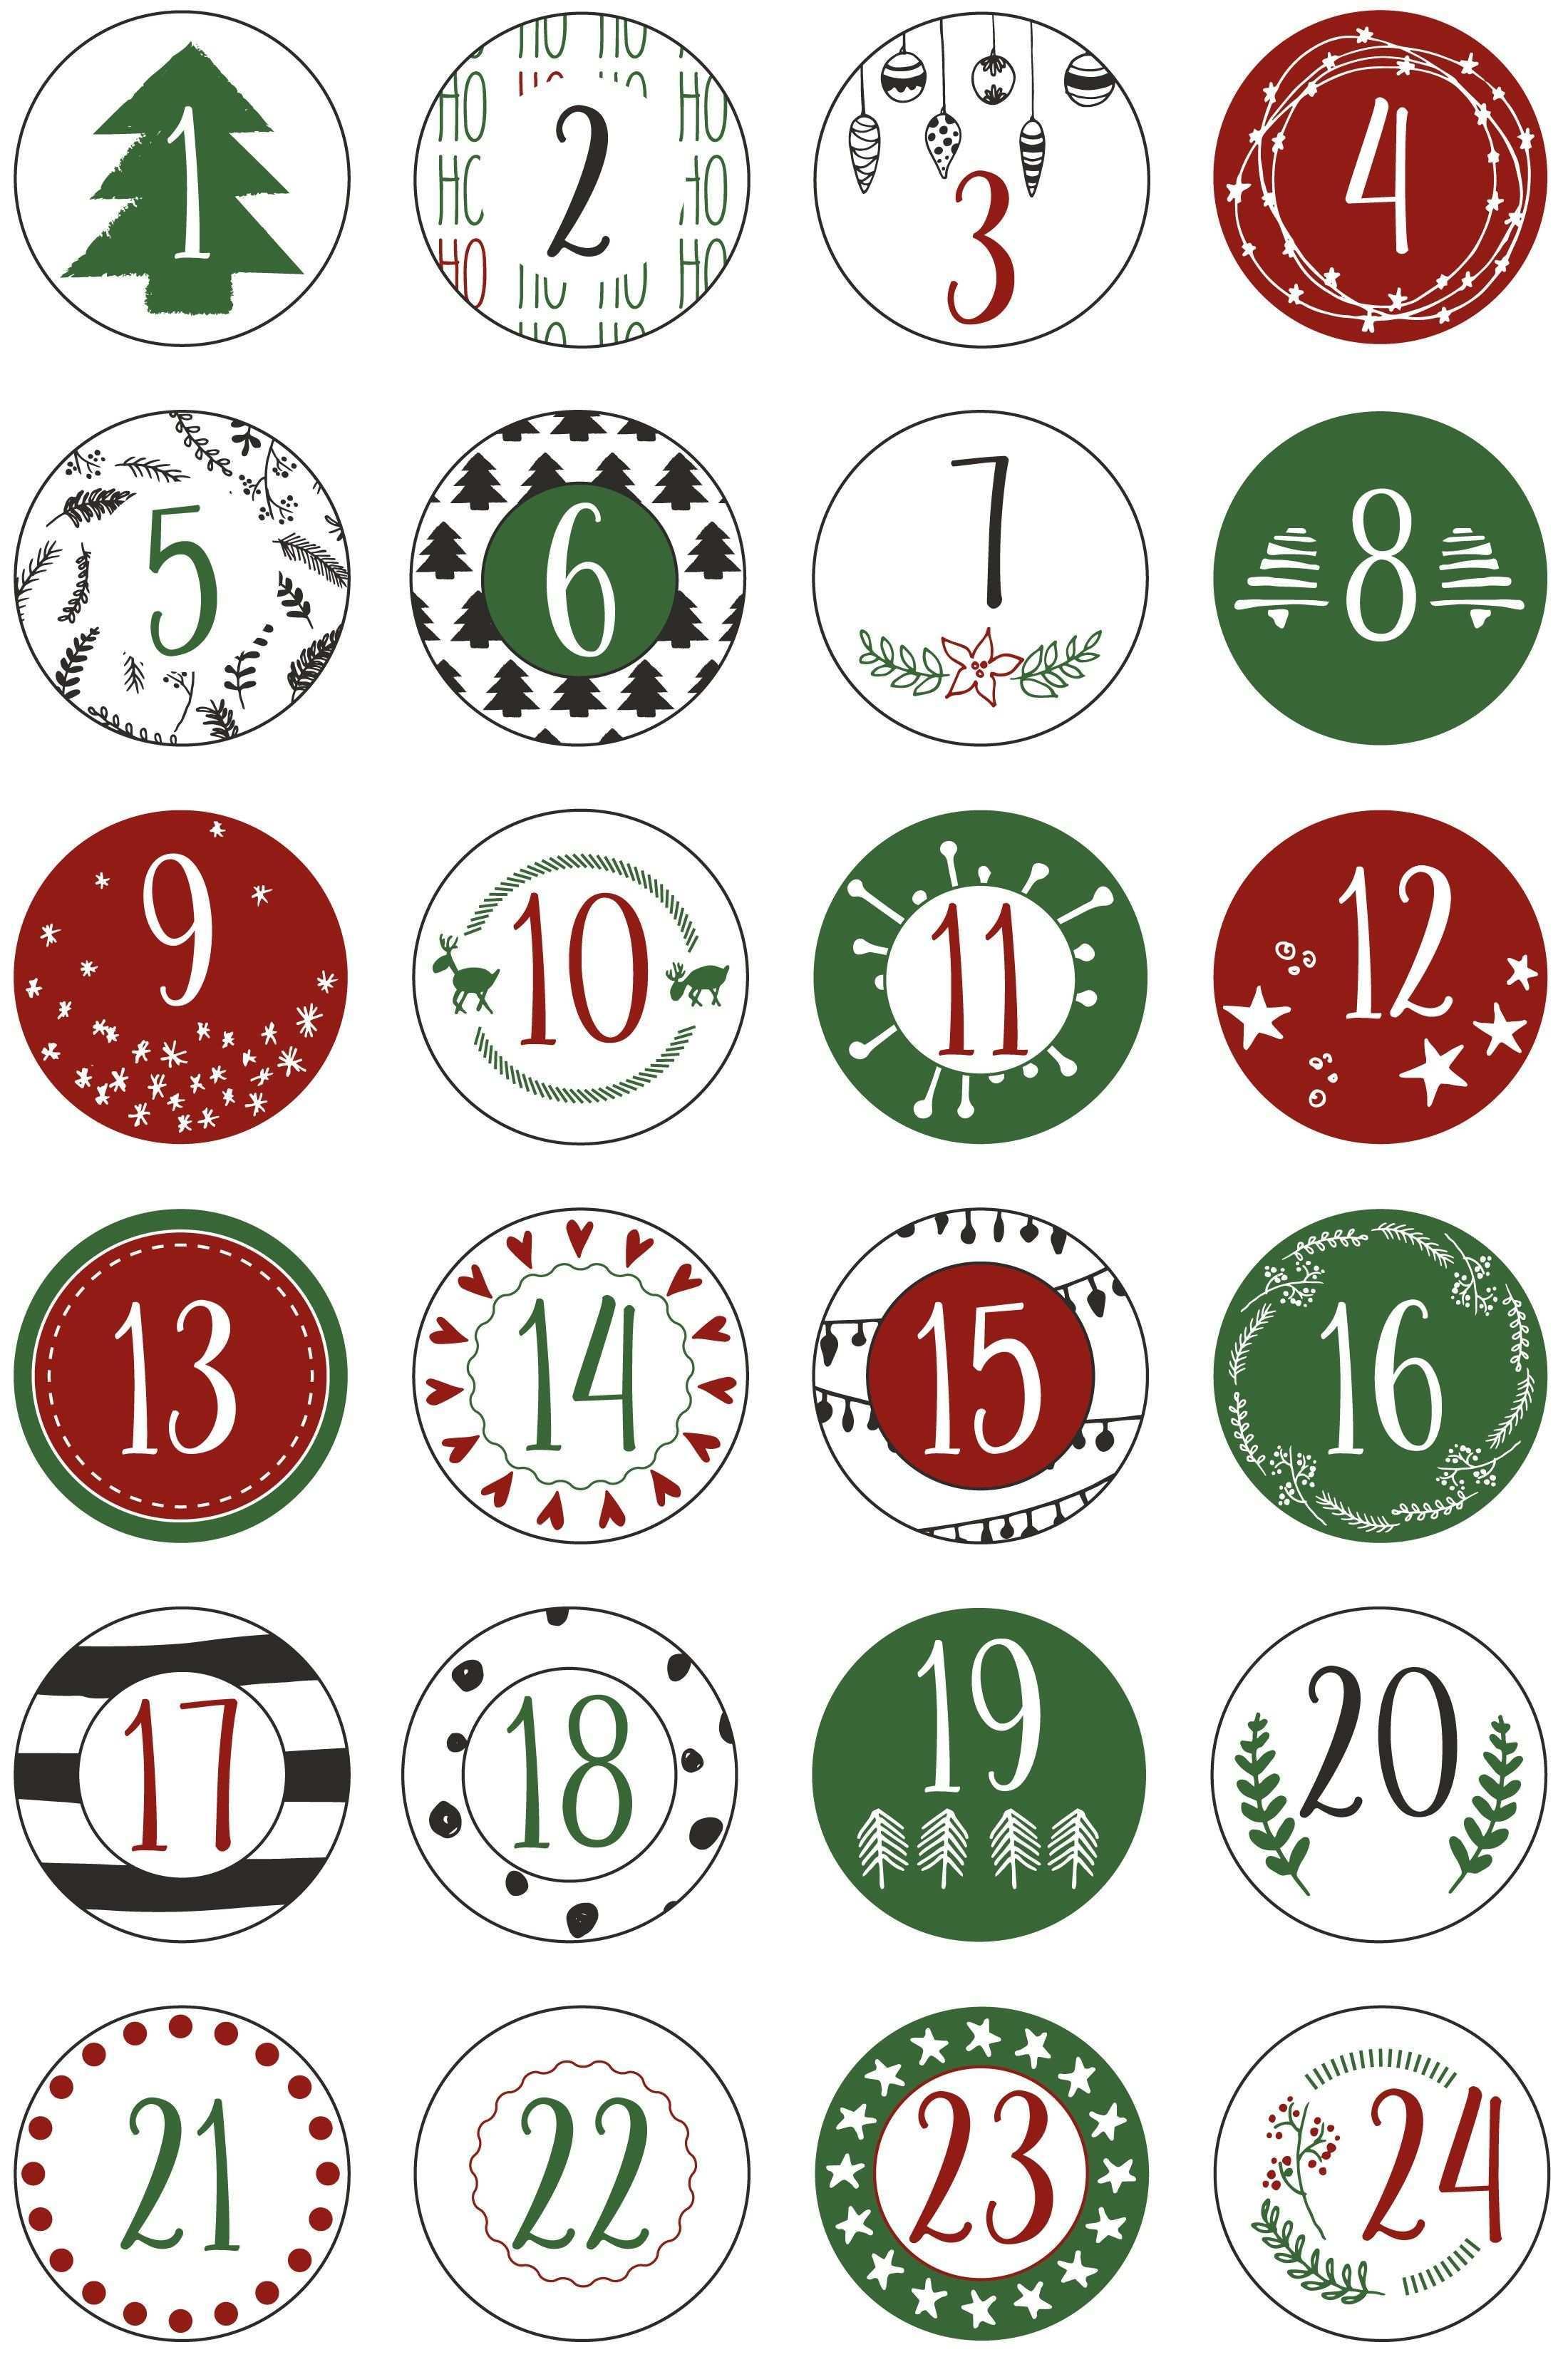 Adventskalender Selber Machen Diy Mit Anleitung Das Haus Adventkalender Adventskalender Selber Machen Basteln Weihnachten Adventskalender